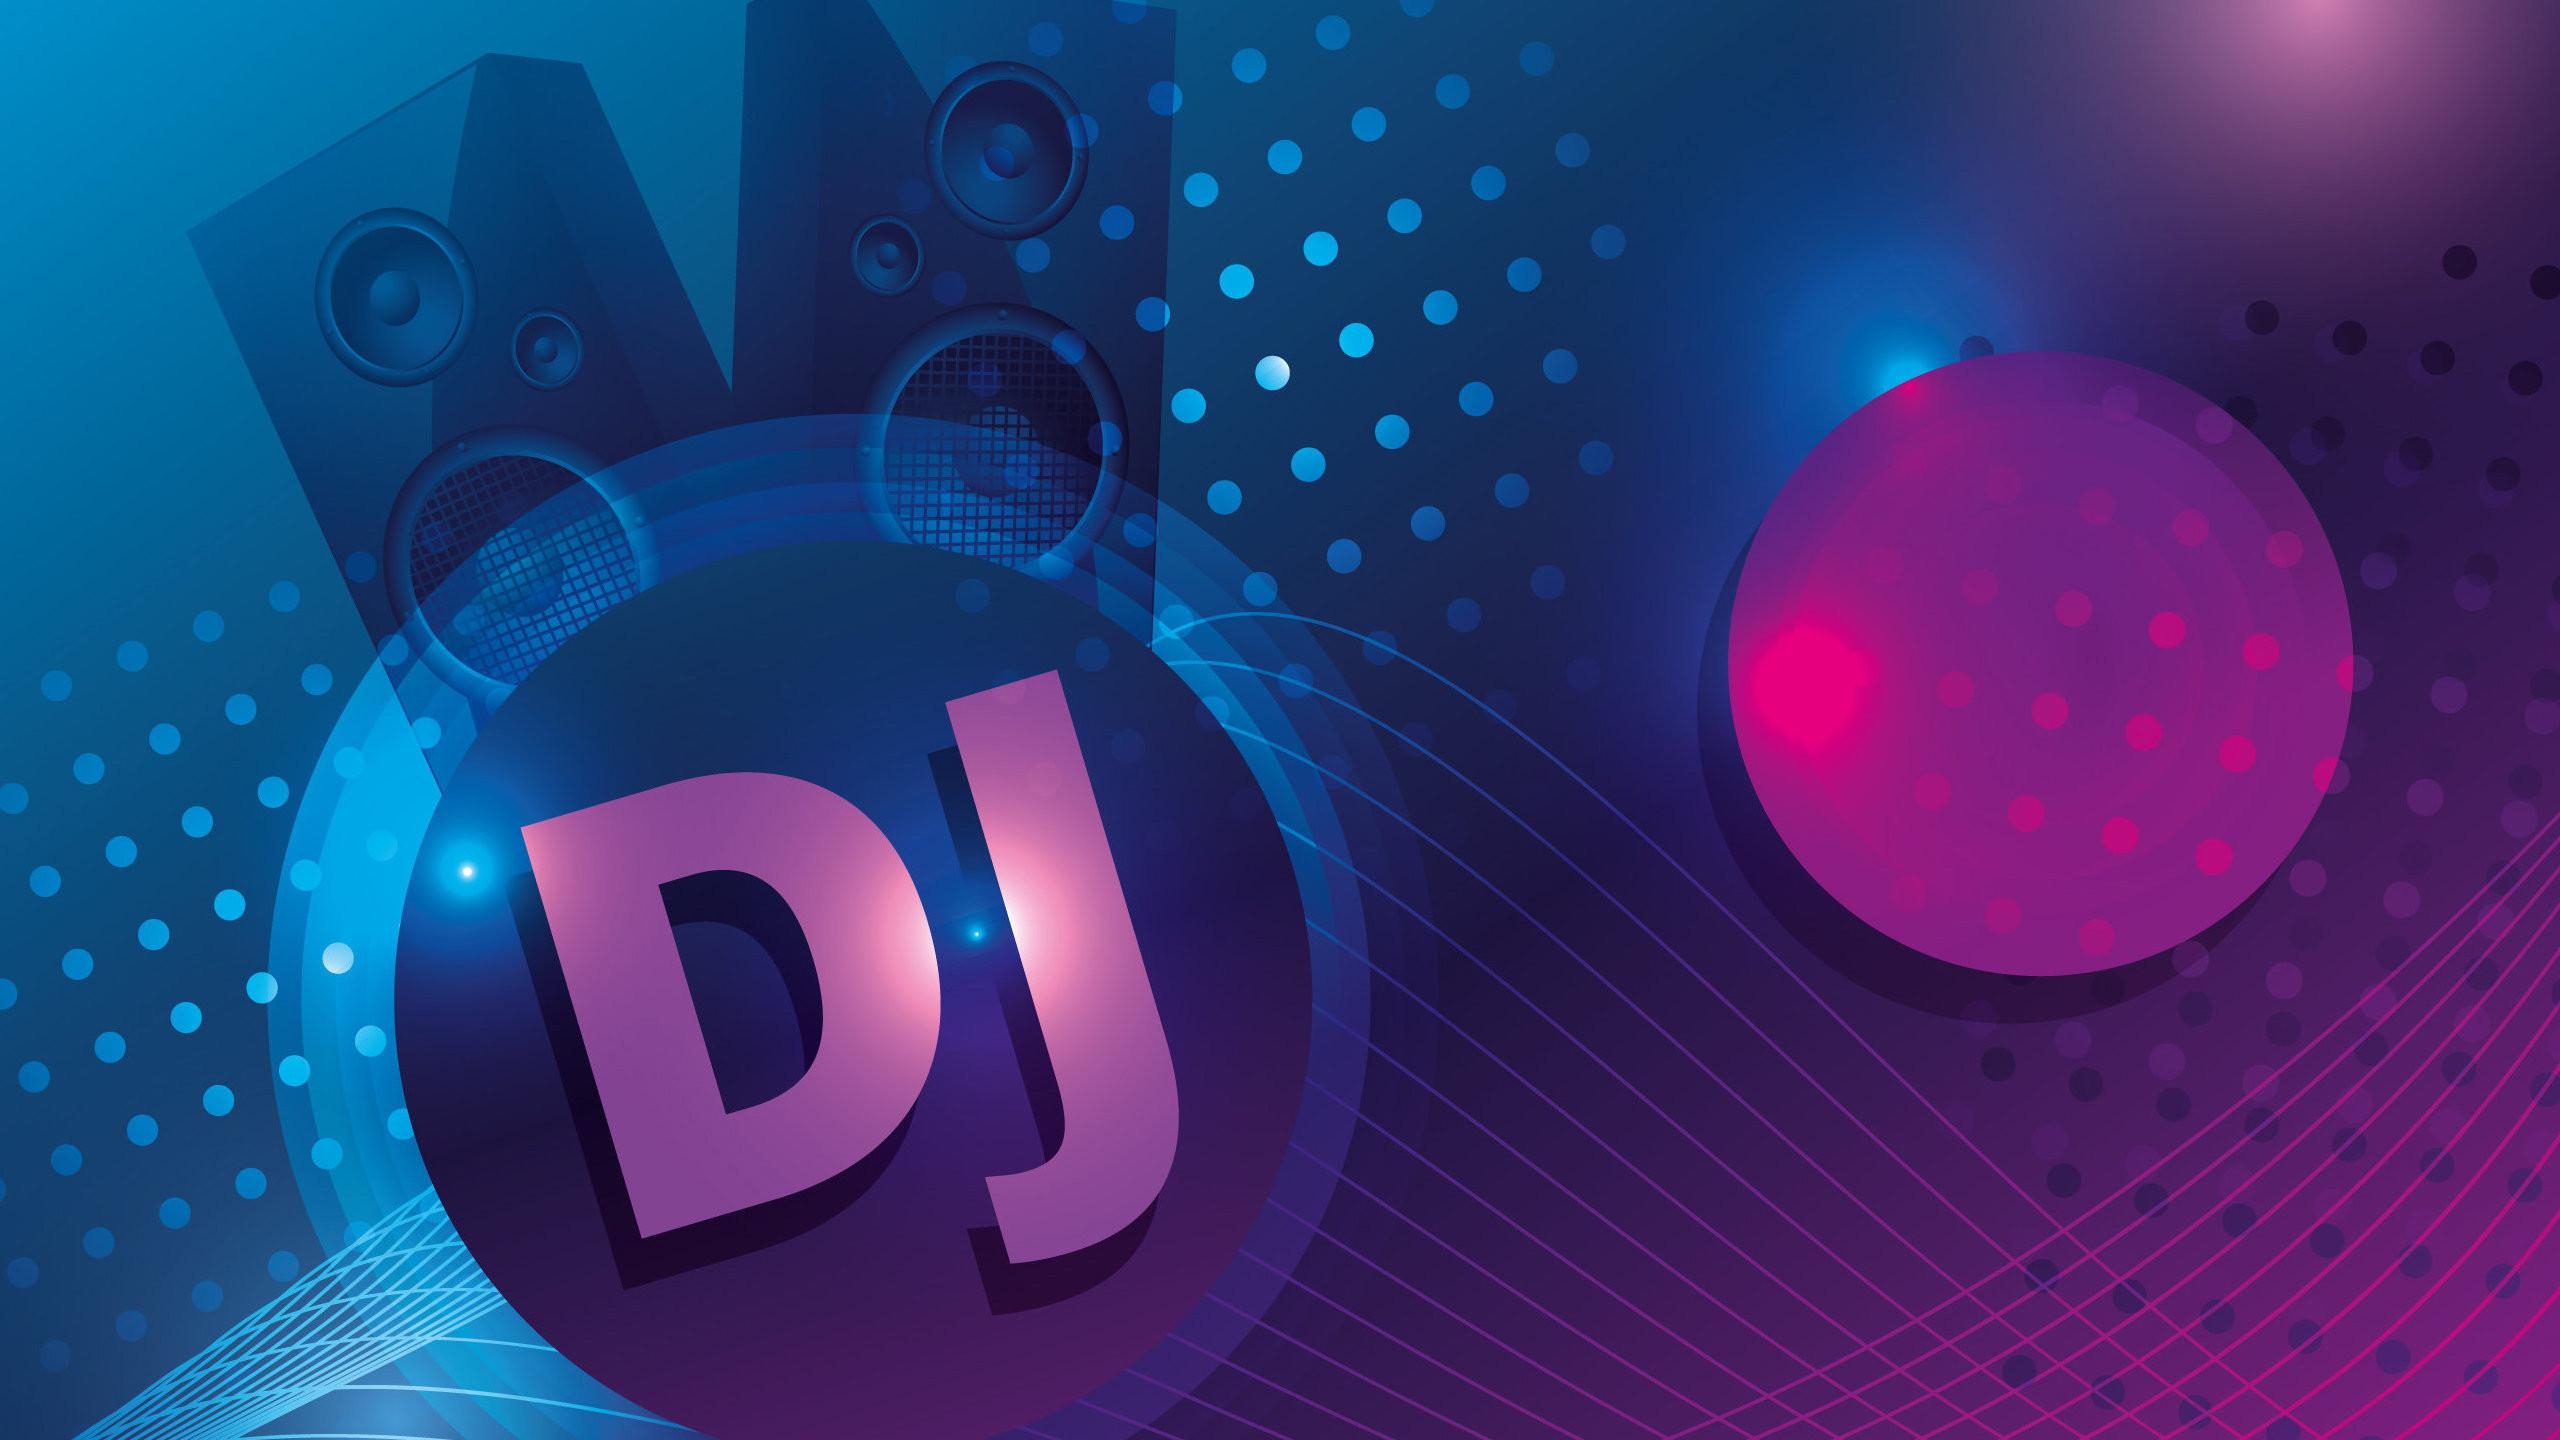 Dj Background Download Free Beautiful Full Hd: Dj Wallpaper Full HD (79+ Images